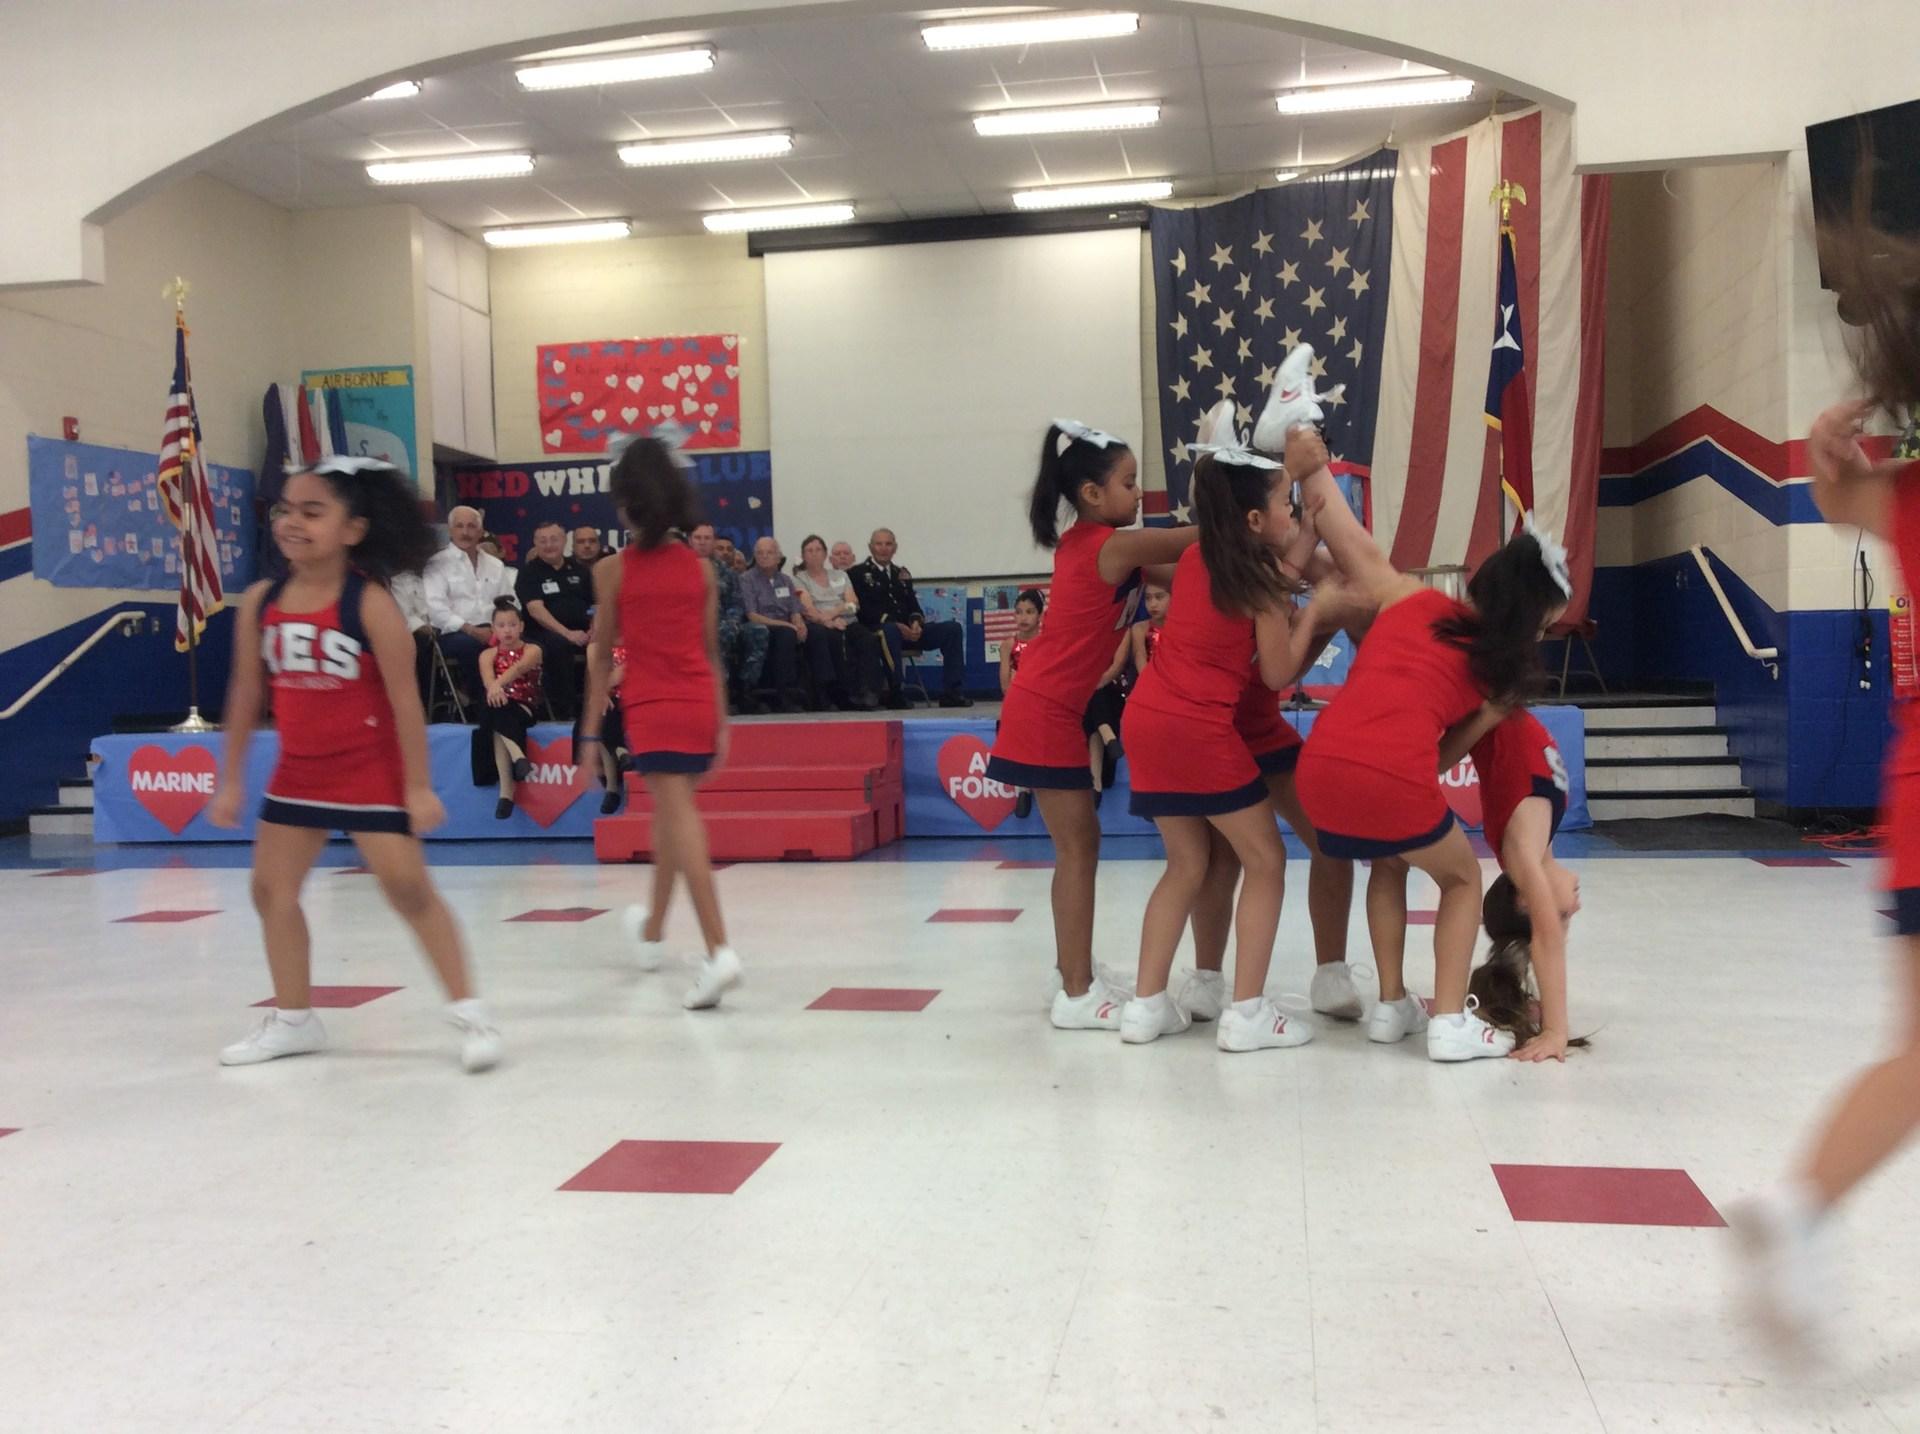 cheerleaders performing in gym.